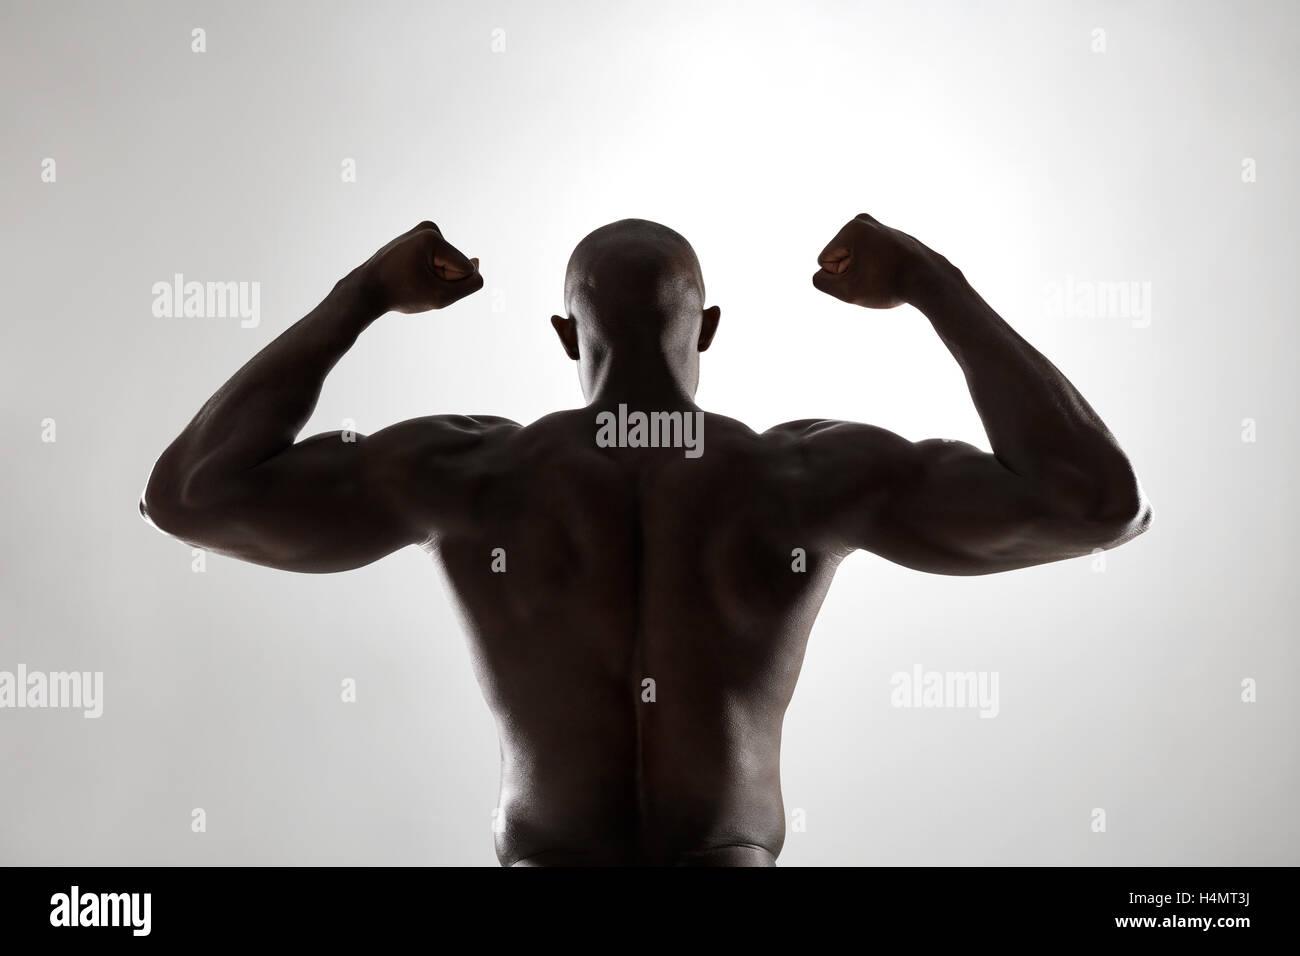 Schiena forte di un nero uomo muscolare flettendo le braccia contro uno sfondo grigio. Vista posteriore del fitness Immagini Stock